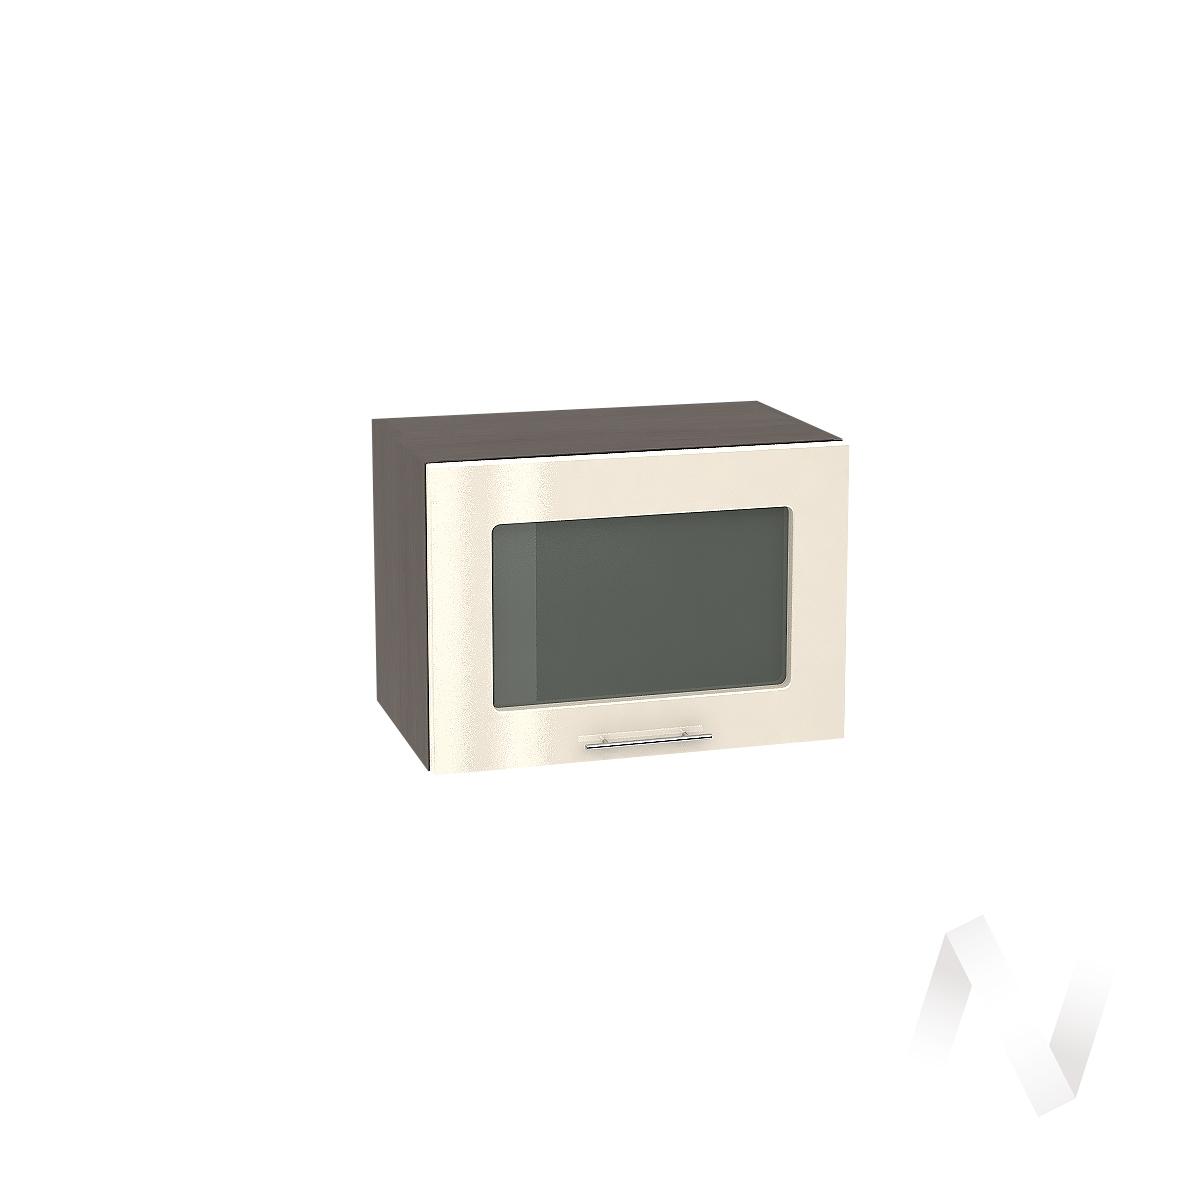 """Кухня """"Валерия-М"""": Шкаф верхний горизонтальный со стеклом 500, ШВГС 500 (Ваниль глянец/корпус венге)"""